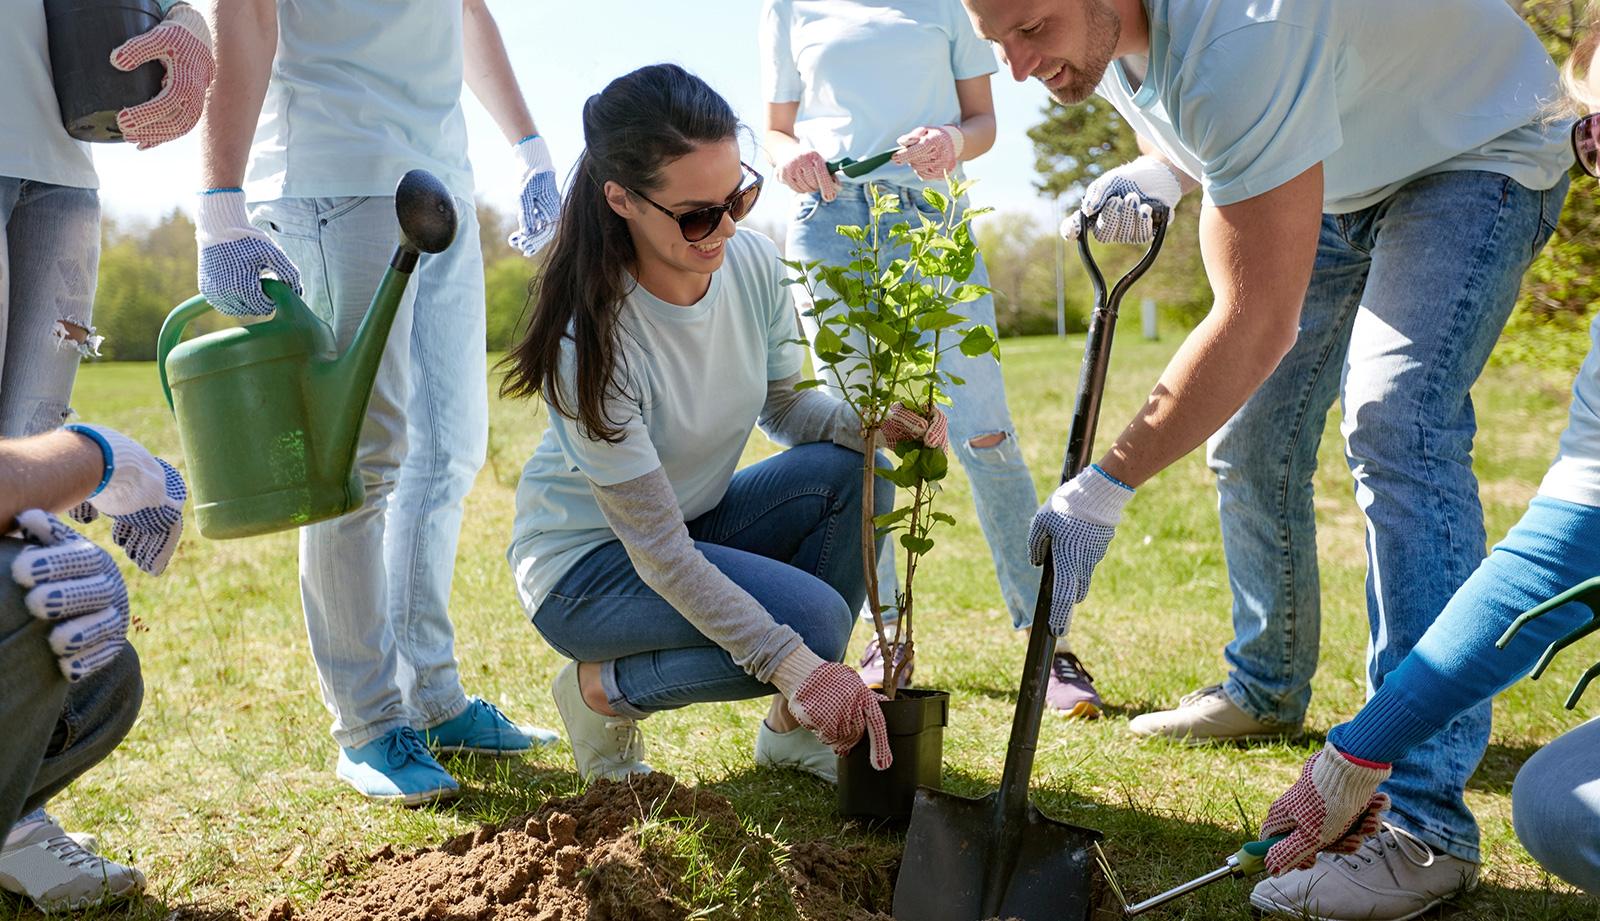 Cuidar del planeta es cosa de todos